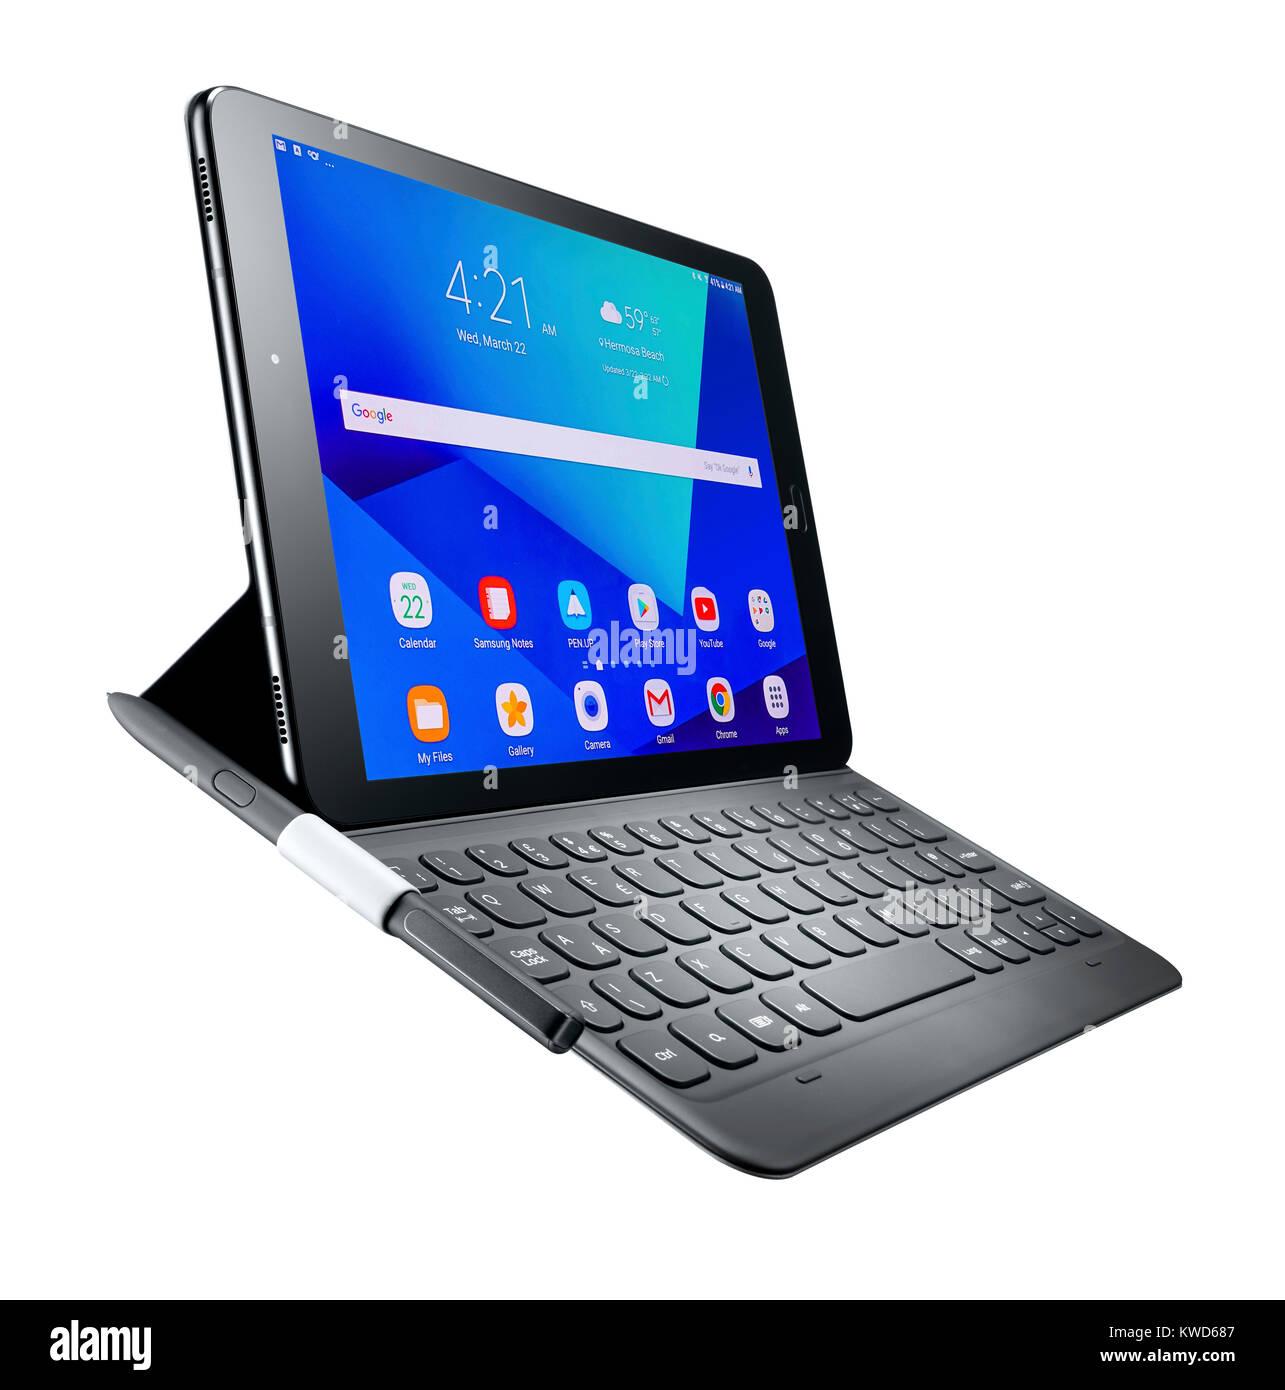 Un disparo de un dinámico, pen tablet y teclado Imagen De Stock